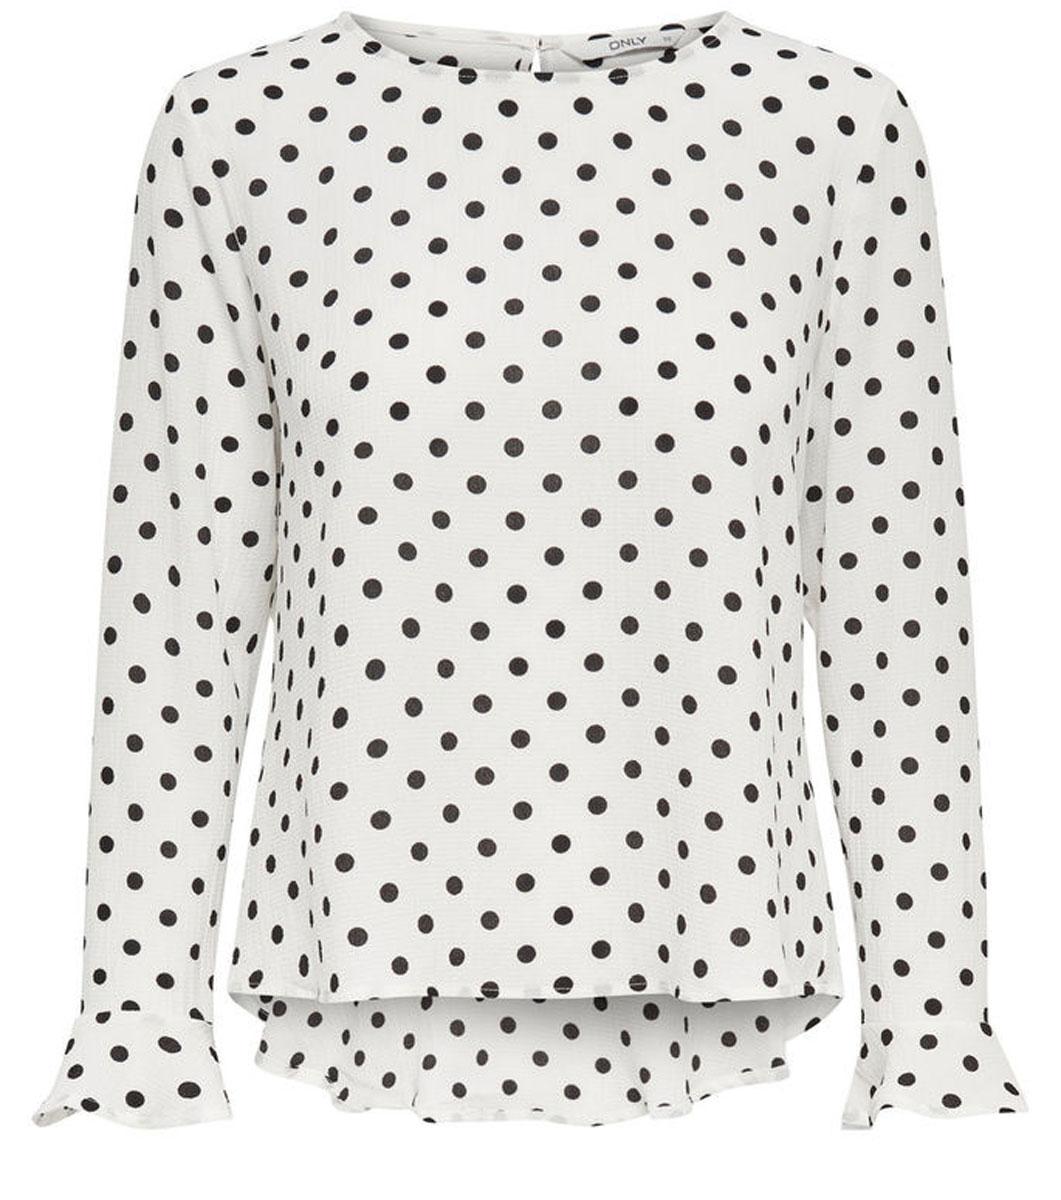 Блузка женская Only, цвет: белый, черный. 15135069_Cloud Dancer. Размер 40 (46) куртка женская only цвет черный 15140836